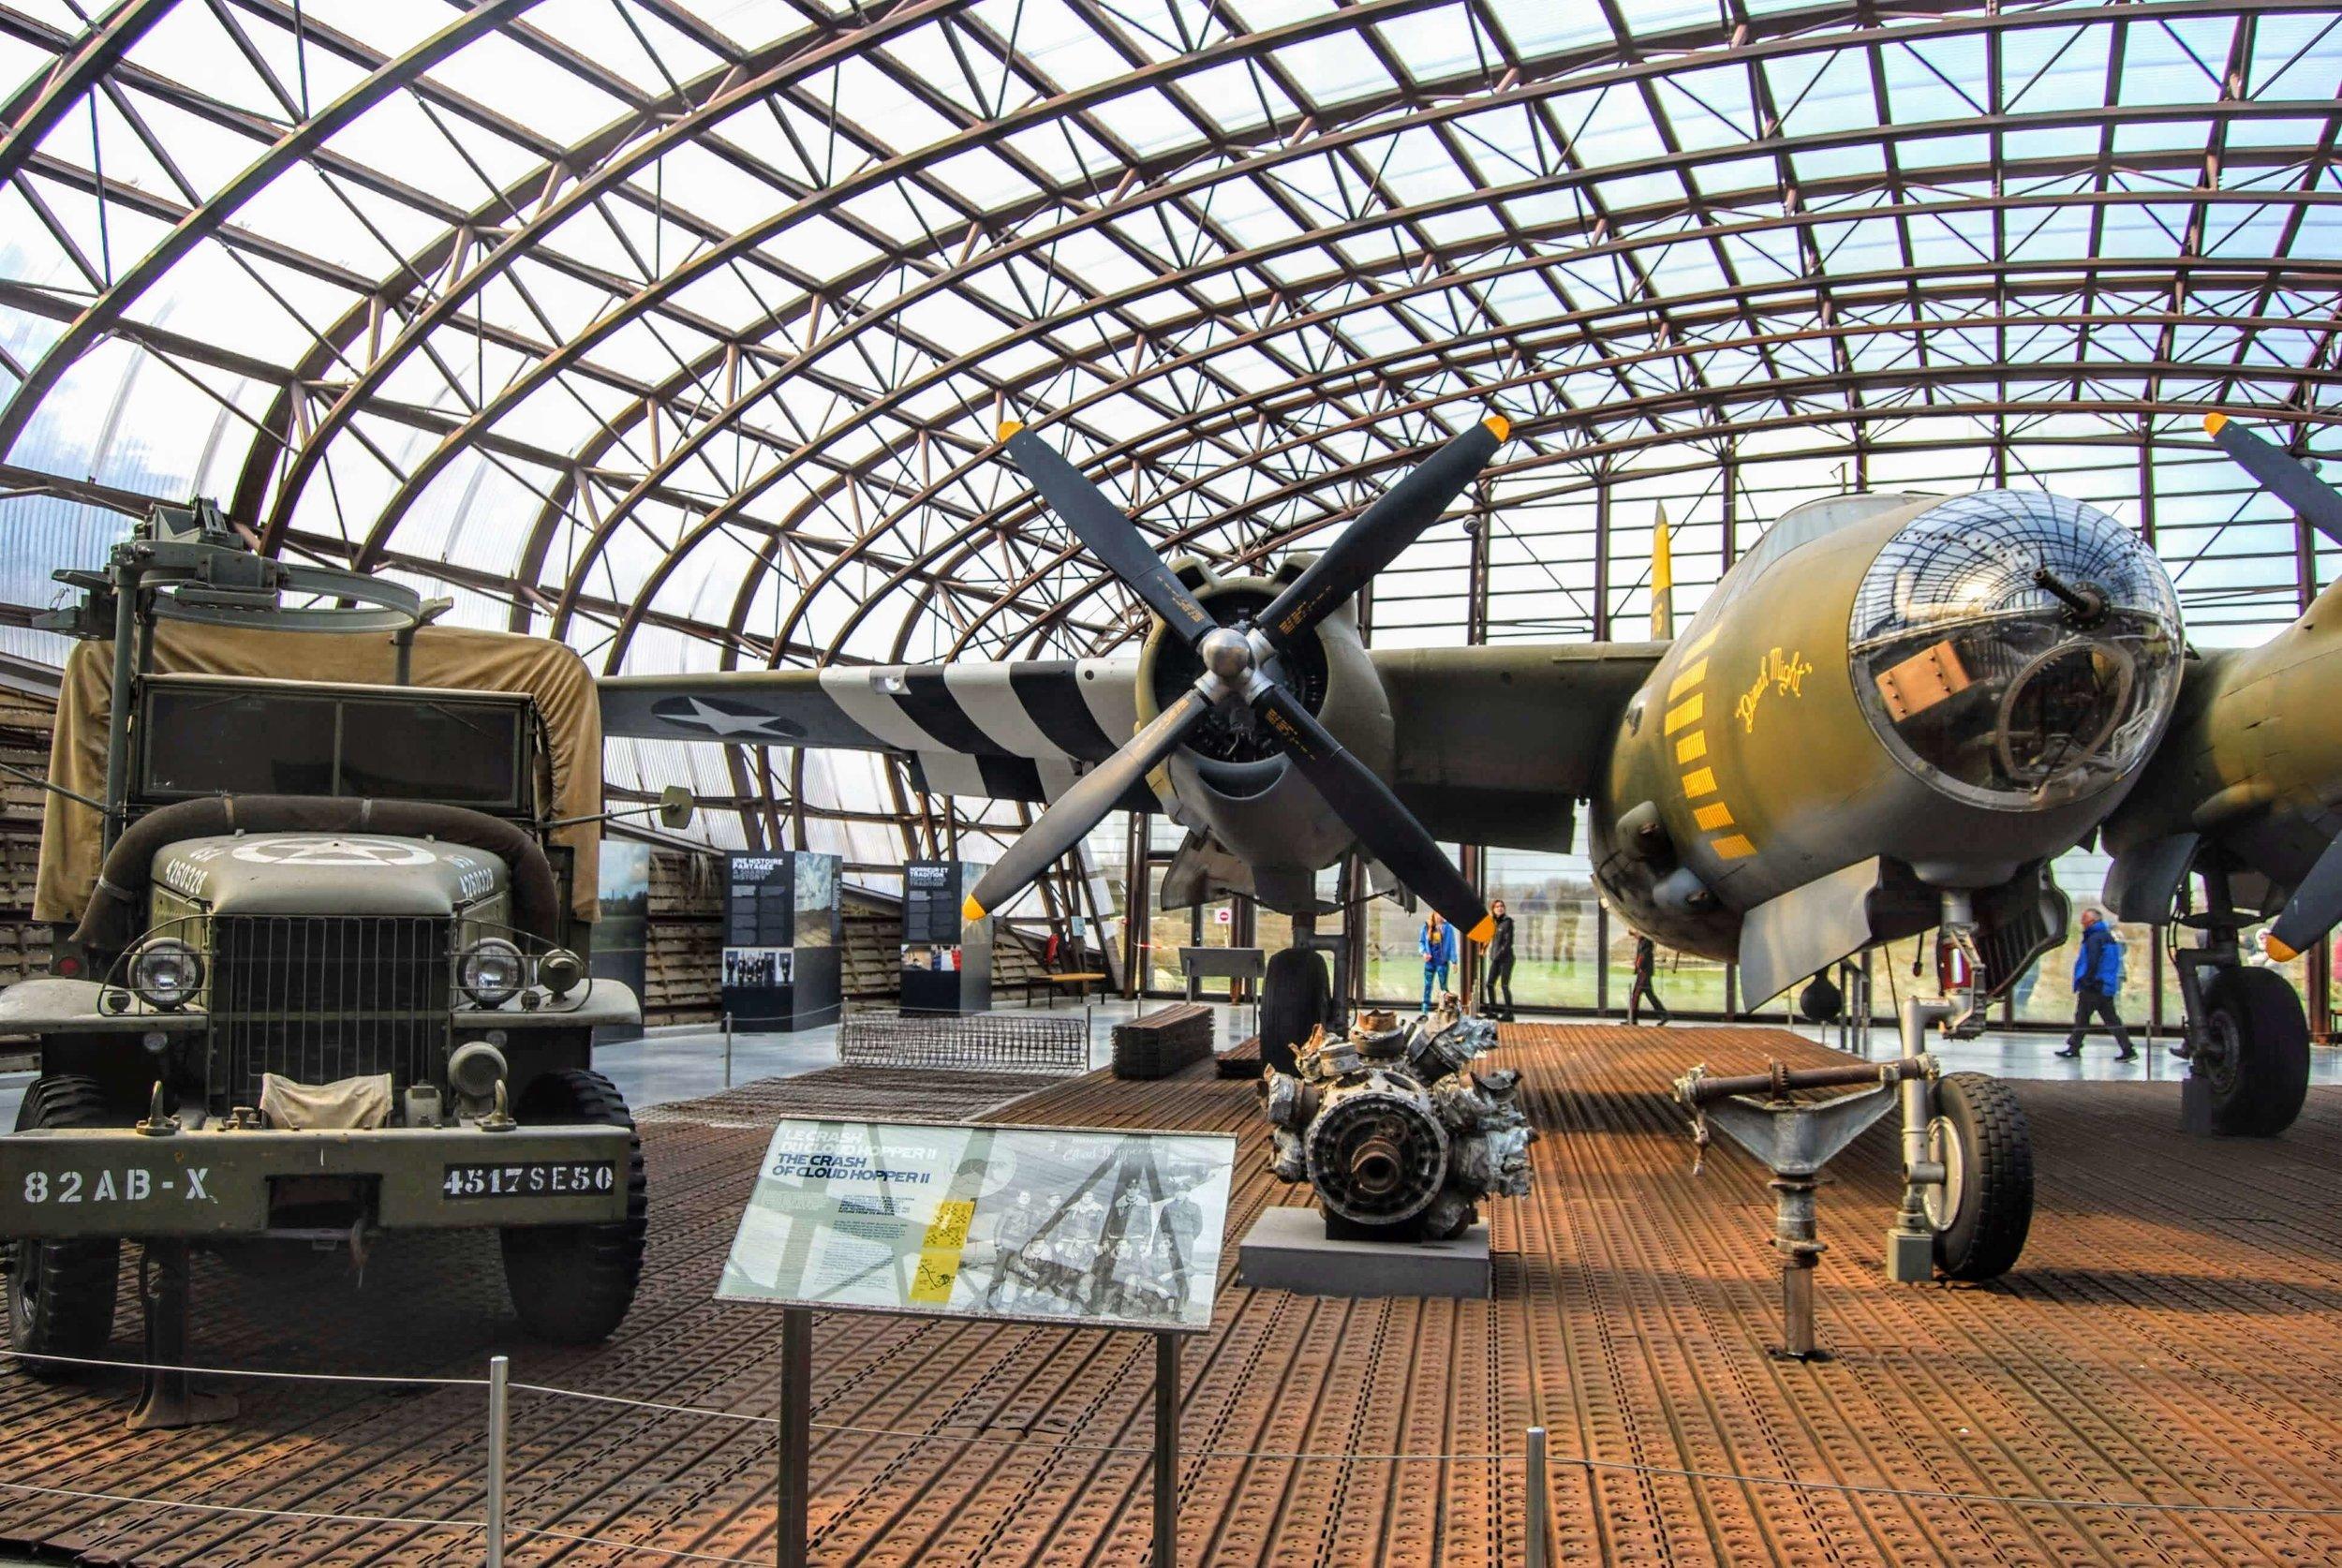 B 26 bomber